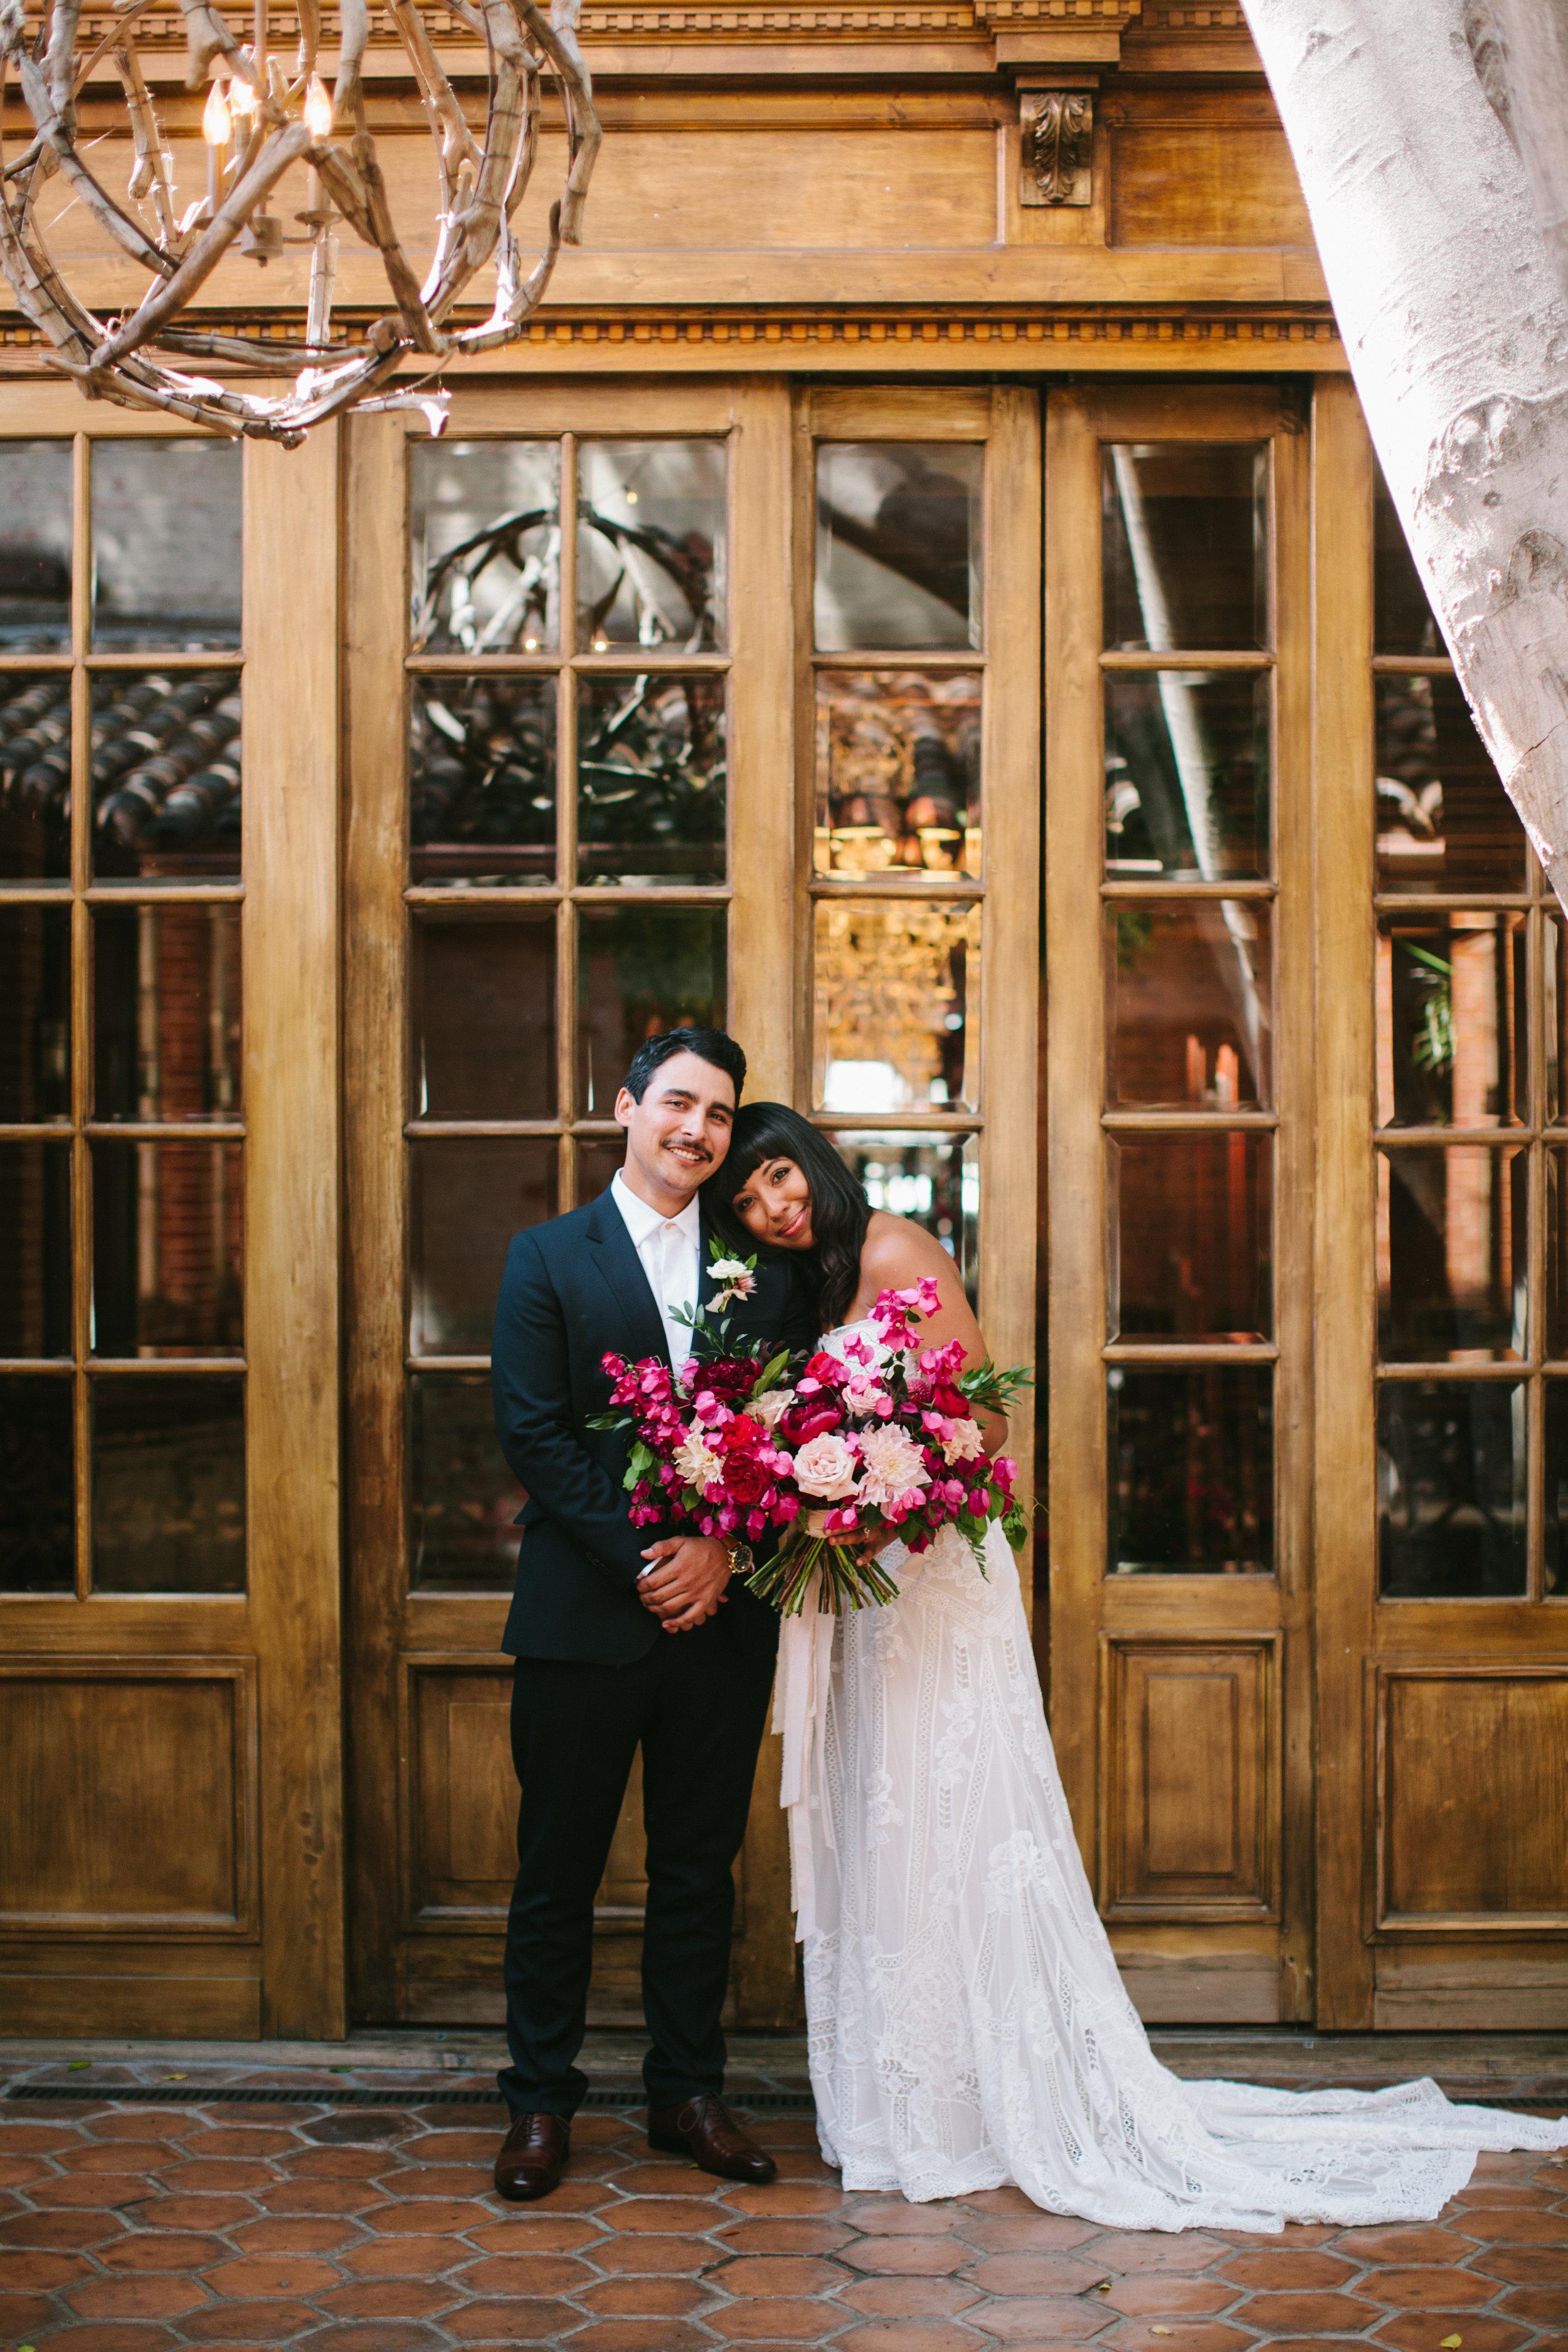 ashleyandbobby-married-278.jpg